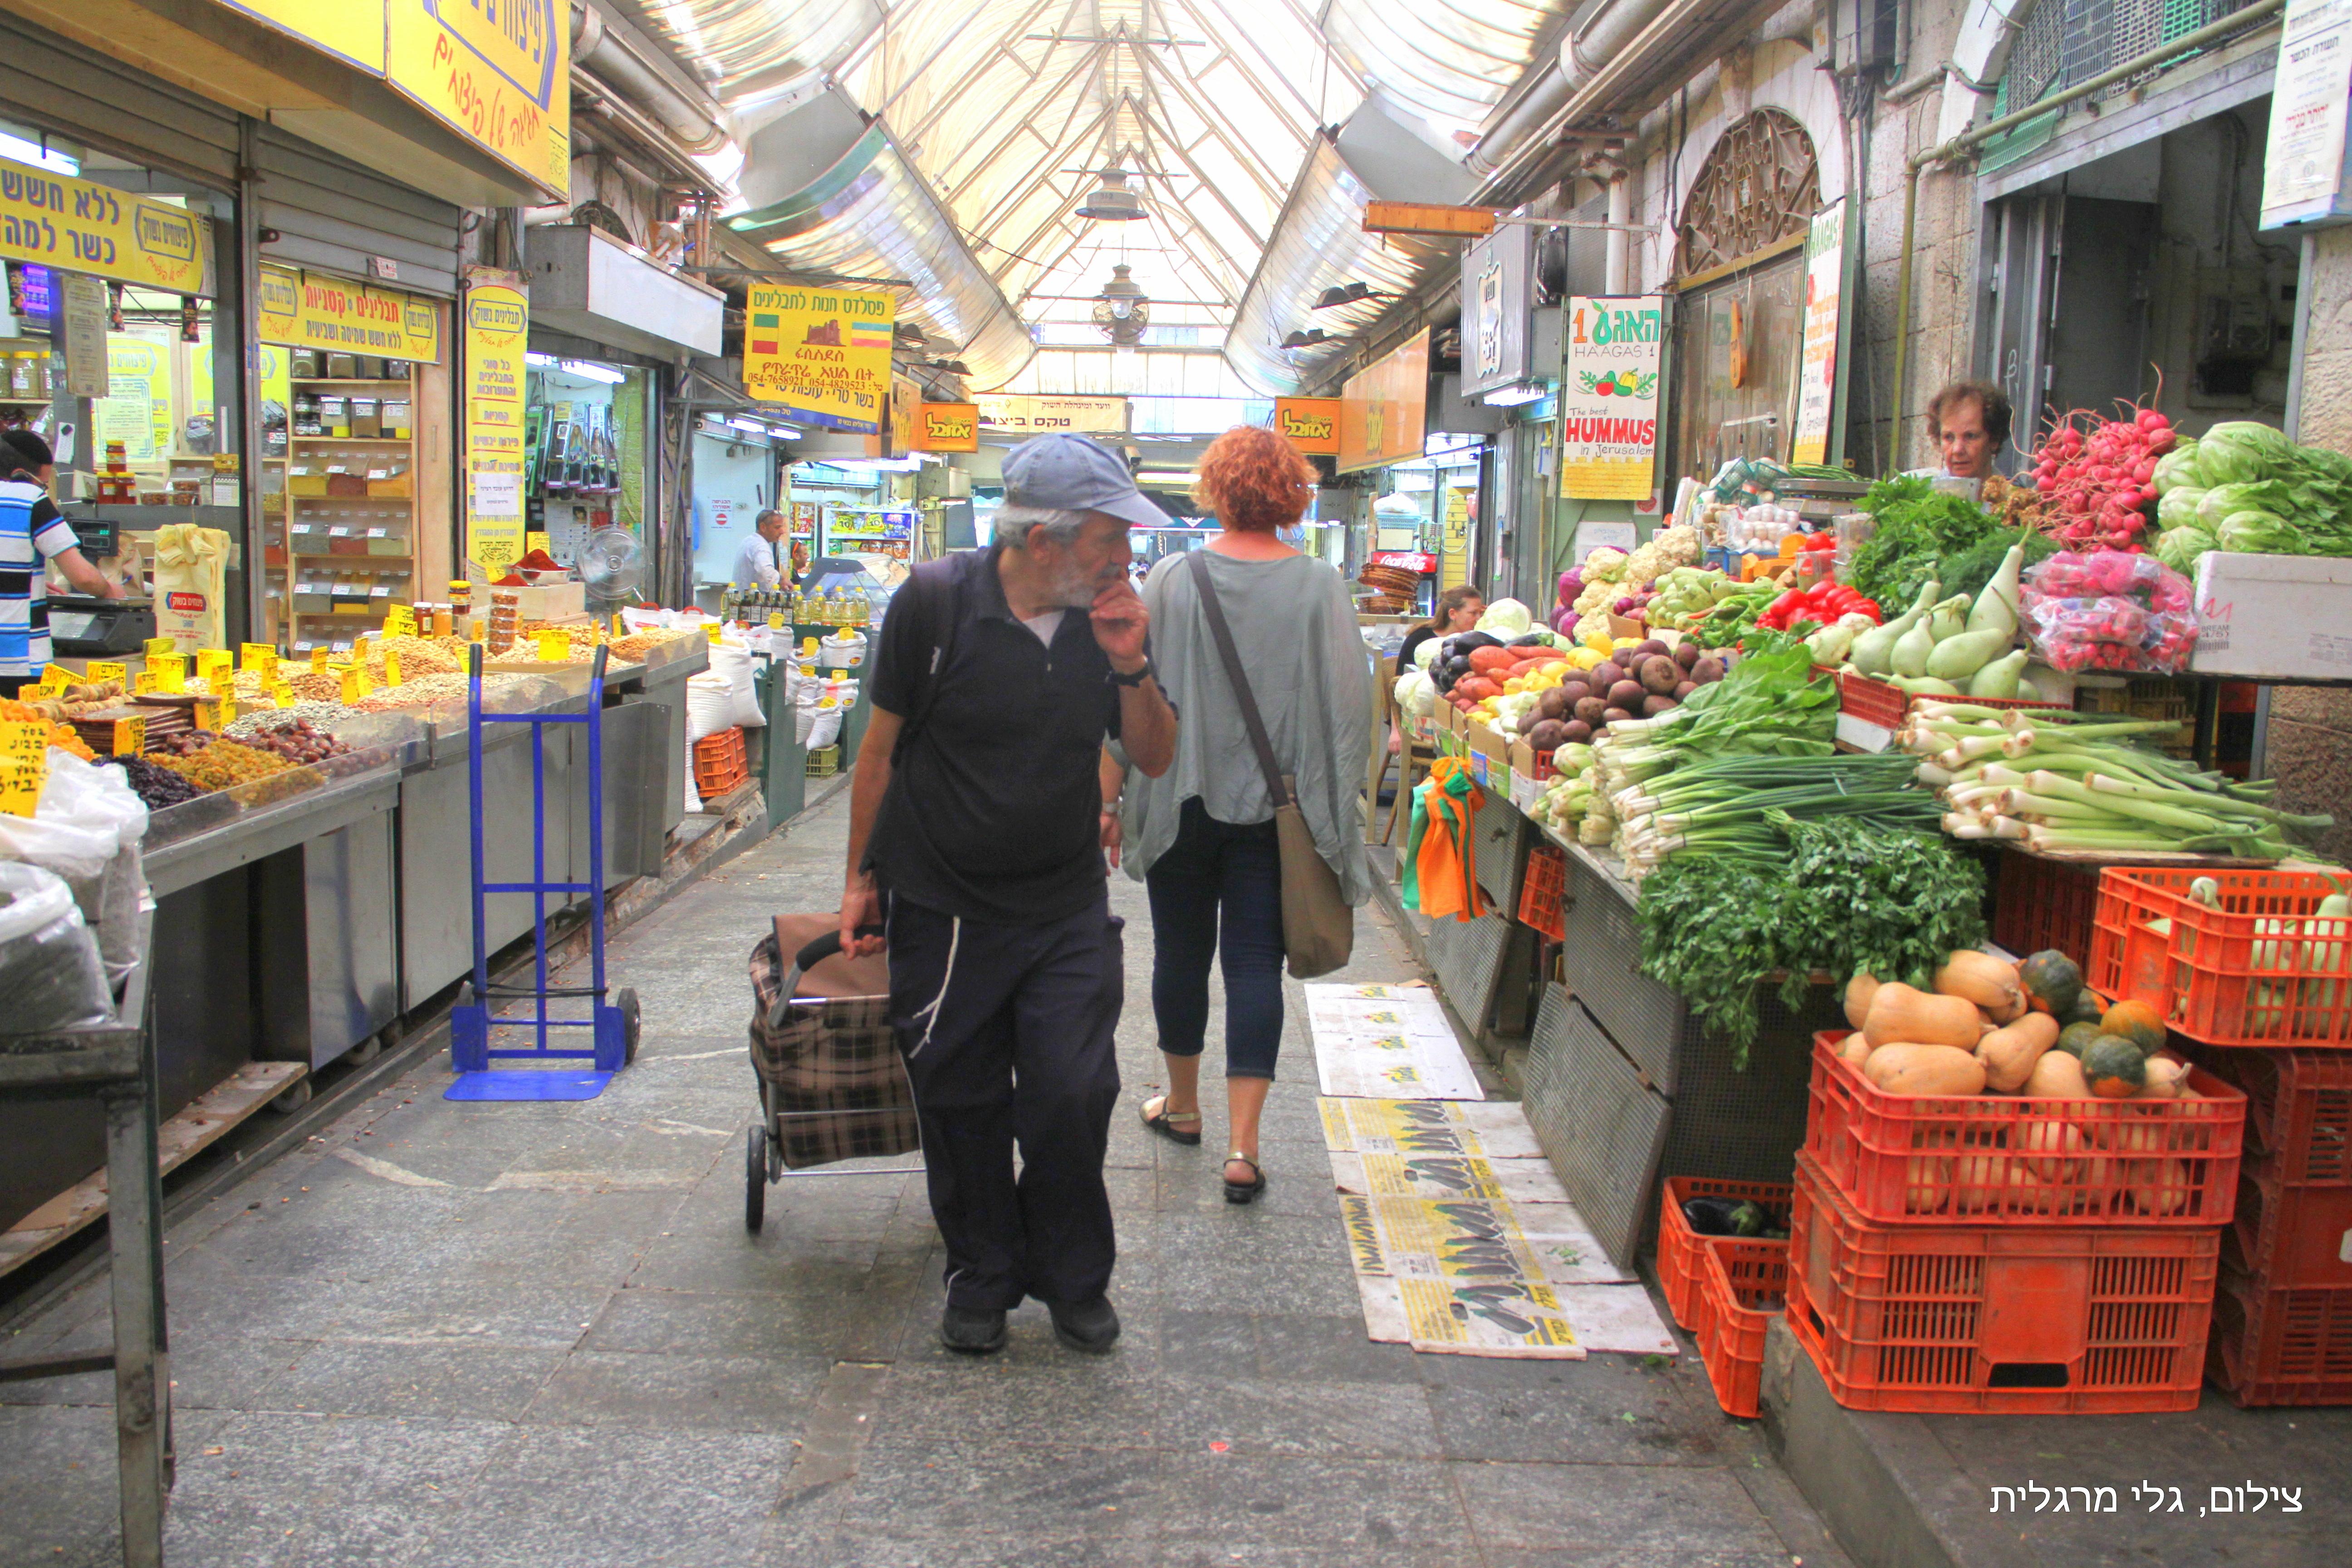 _סיור טעימות בשוק מחנה יהודה בעקבות _מלכת היופי של ירושלים